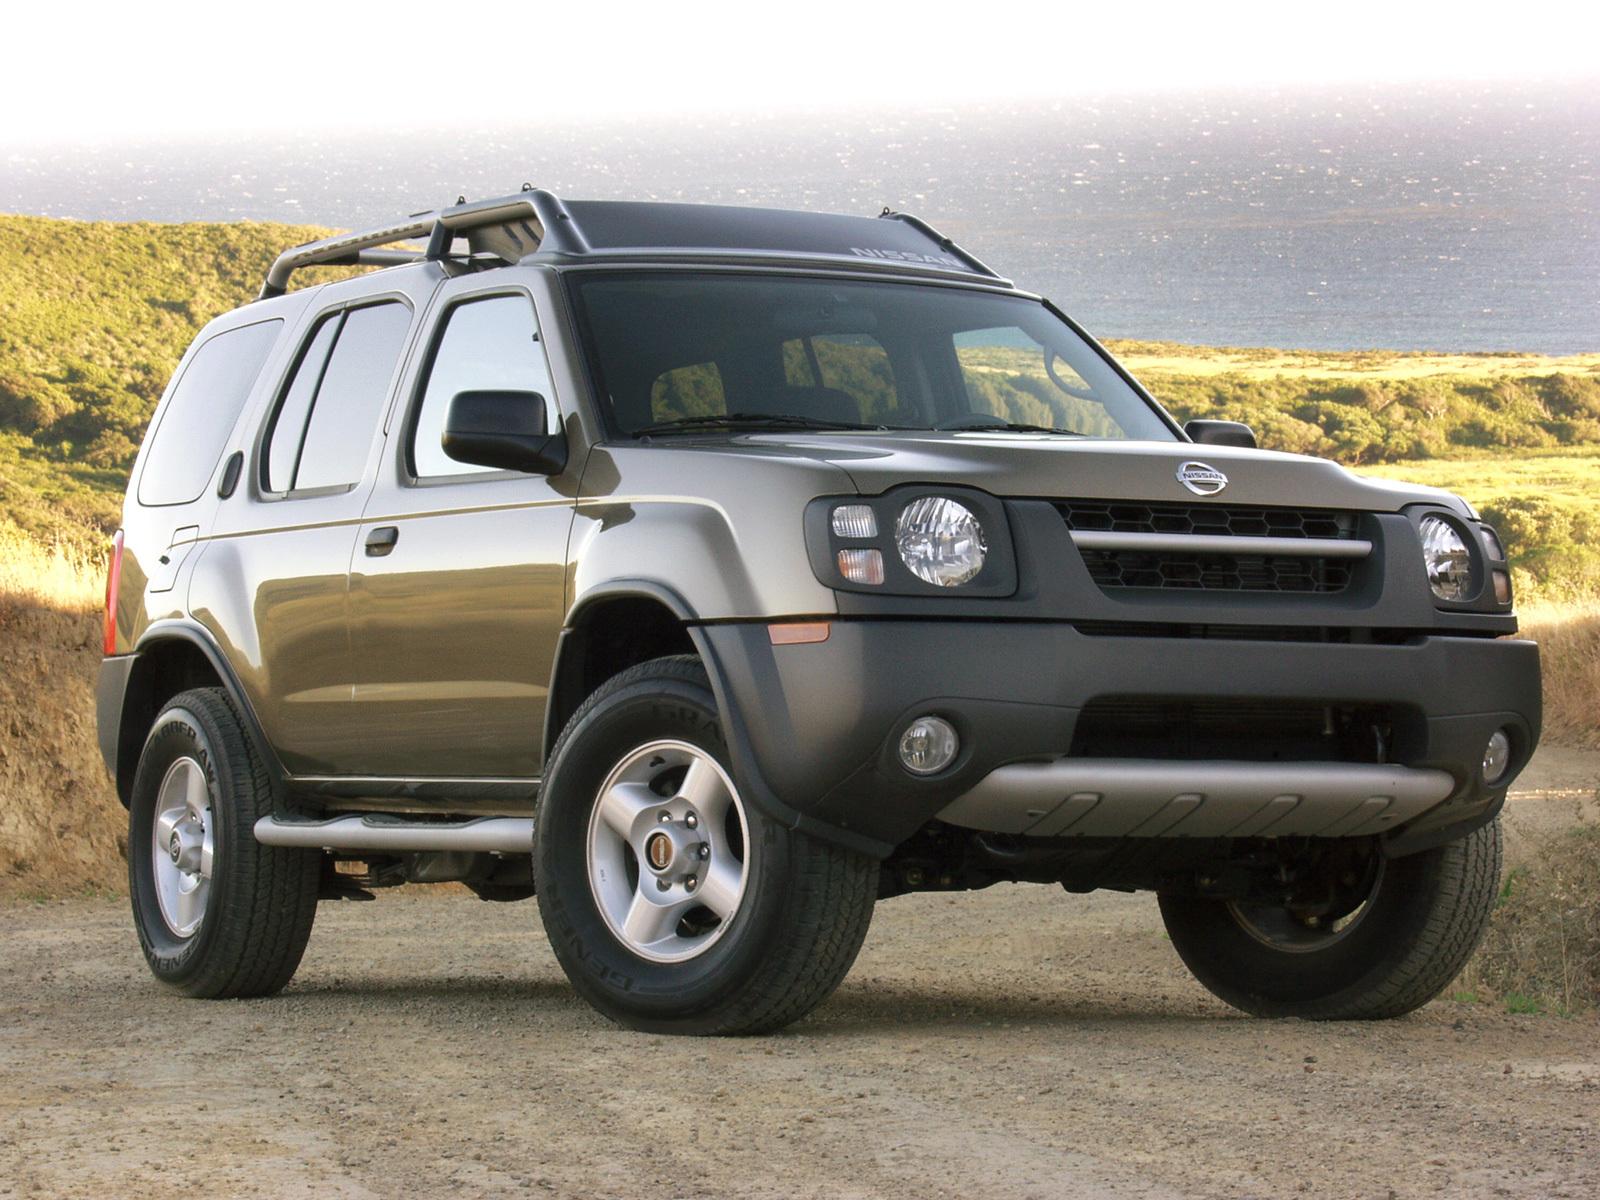 Фотографии автомобилей nissan x-terra / ниссан икс-терра (1999 - 2001) вседорожник (5 дв